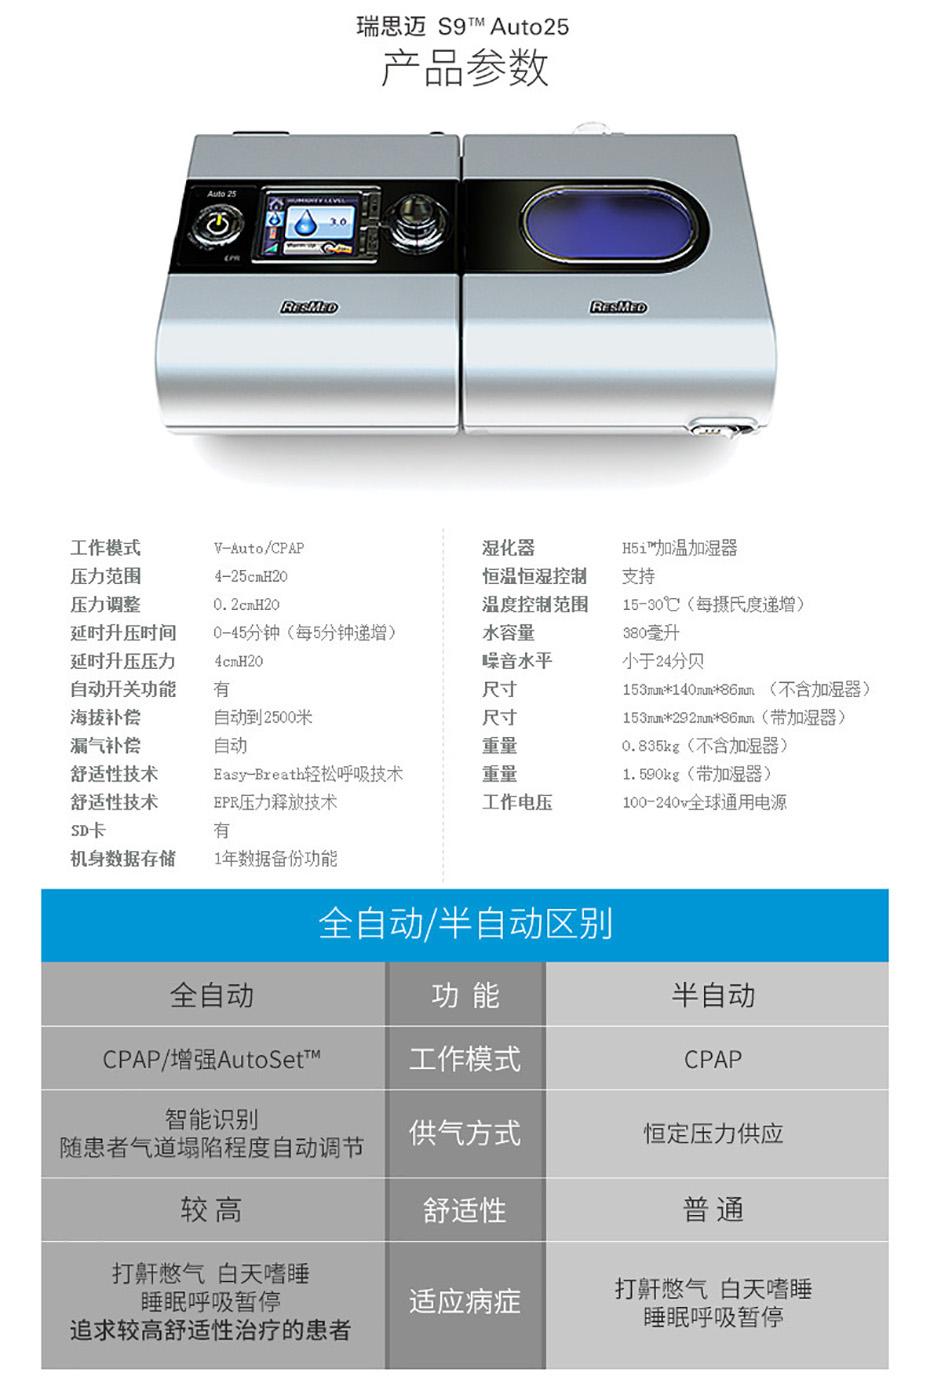 瑞思迈S9Auto 25全自动呼吸机